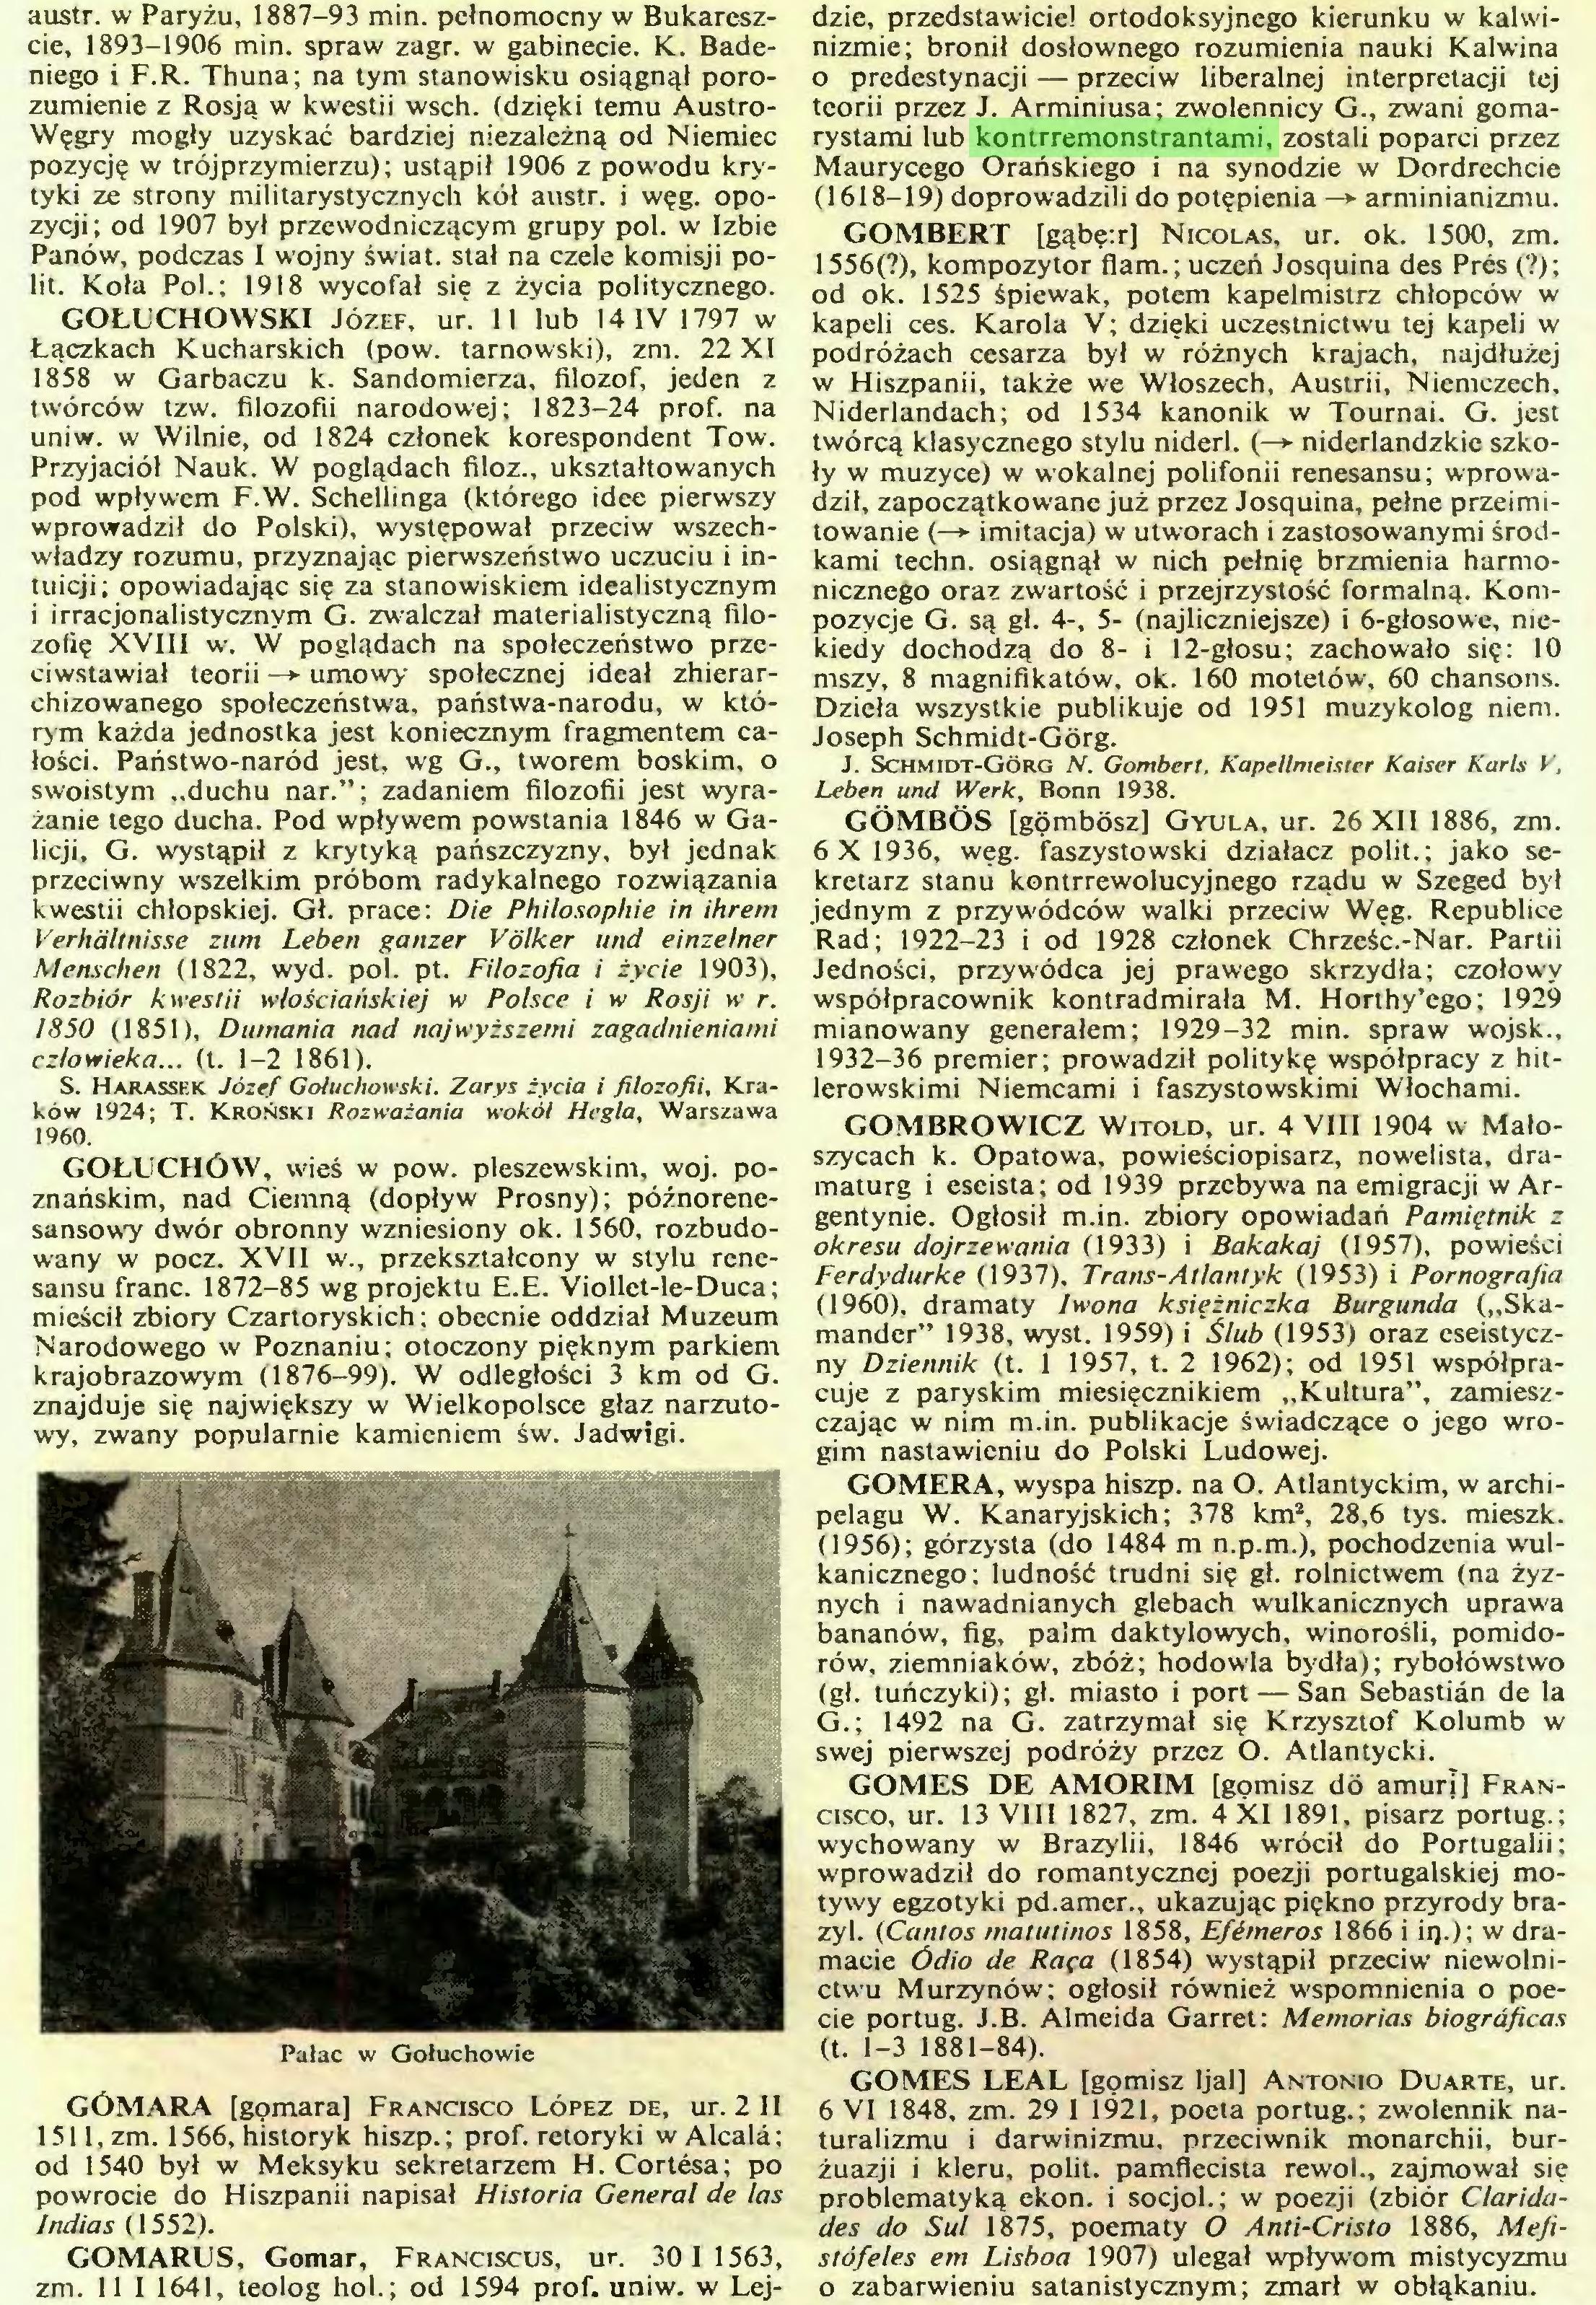 (...) GOMARUS, Gomar, Franciscus, ur. 301 1563, zm. 11 I 1641, teolog hol.; od 1594 prof. uniw. w Lej- dzie, przedstawiciel ortodoksyjnego kierunku w kalwinizmie; bronił dosłownego rozumienia nauki Kalwina o predestynacji — przeciw liberalnej interpretacji tej teorii przez J. Arminiusa; zwolennicy G., zwani gomarystami lub kontrremonstrantami, zostali poparci przez Maurycego Orańskiego i na synodzie w Dordrechcie (1618-19) doprowadzili do potępienia —*• arminianizmu...